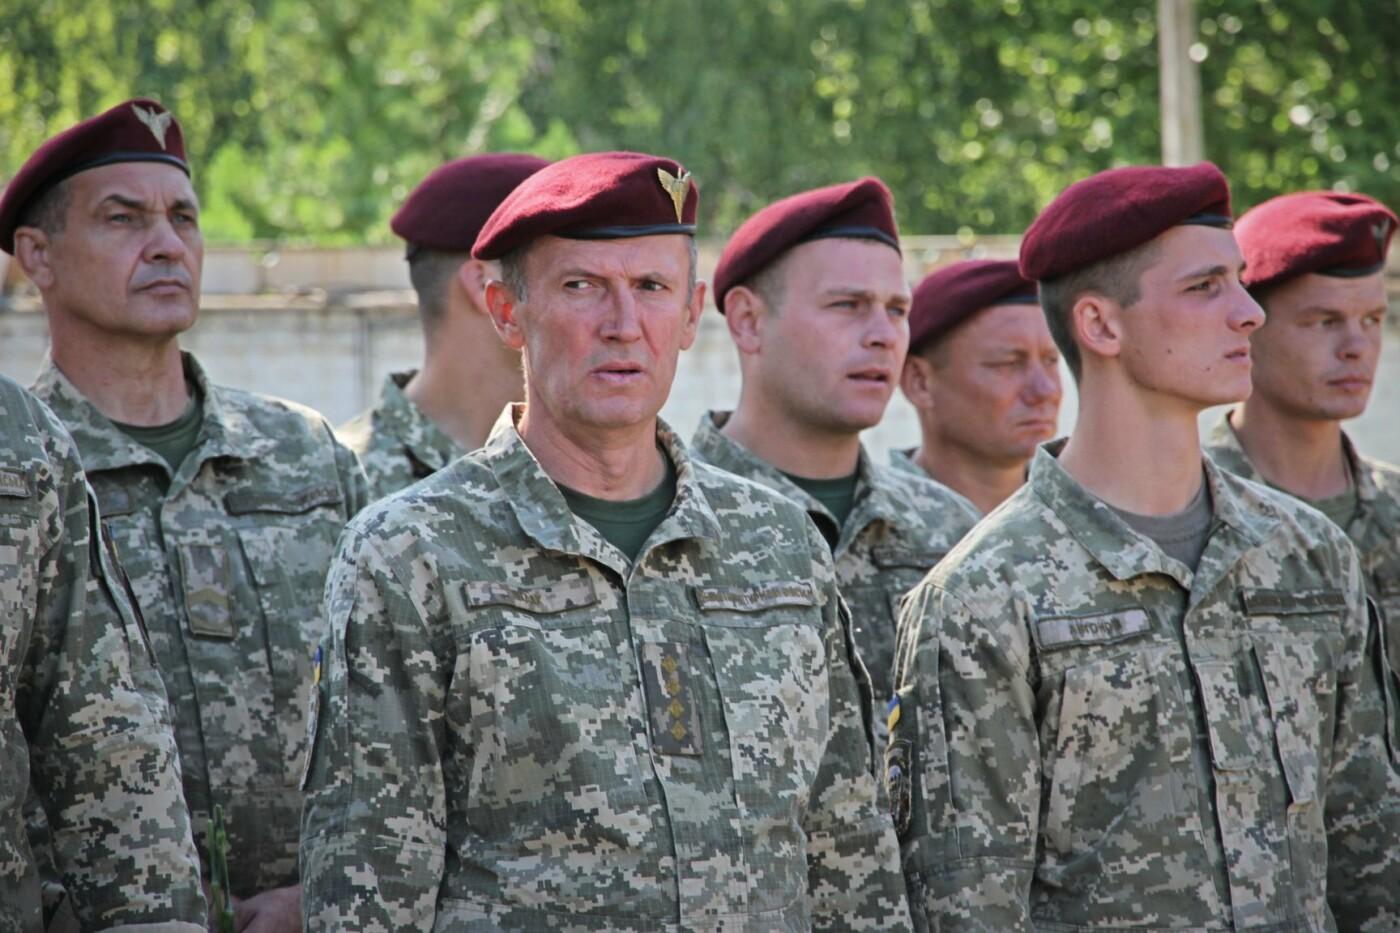 Николаевцы почтили память военнослужащих, погибших у Зеленополья, - ФОТО, фото-2